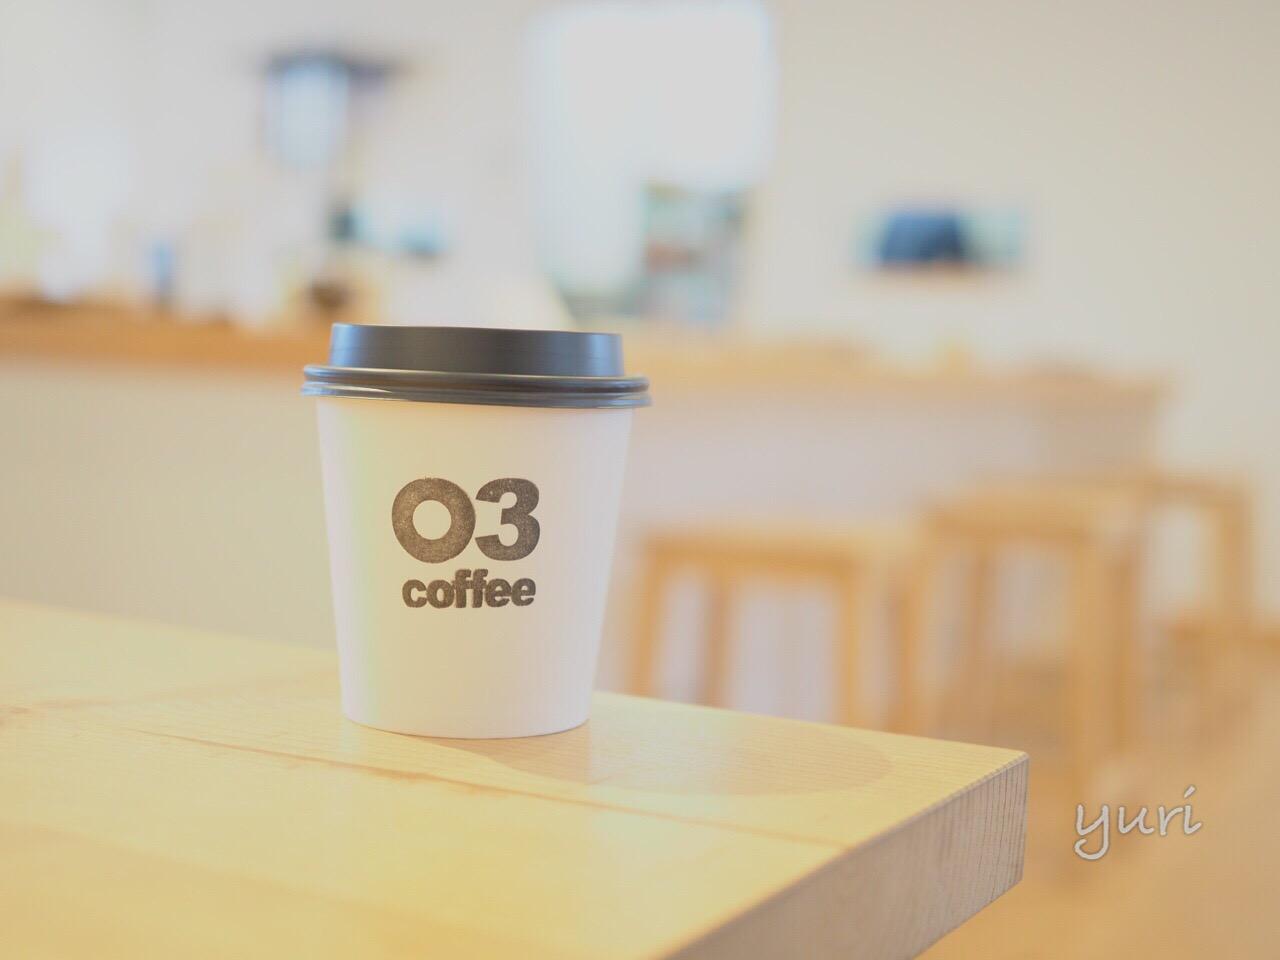 カフェや雑貨、テーブルフォトはこれで決まり!初めての単焦点レンズの選び方